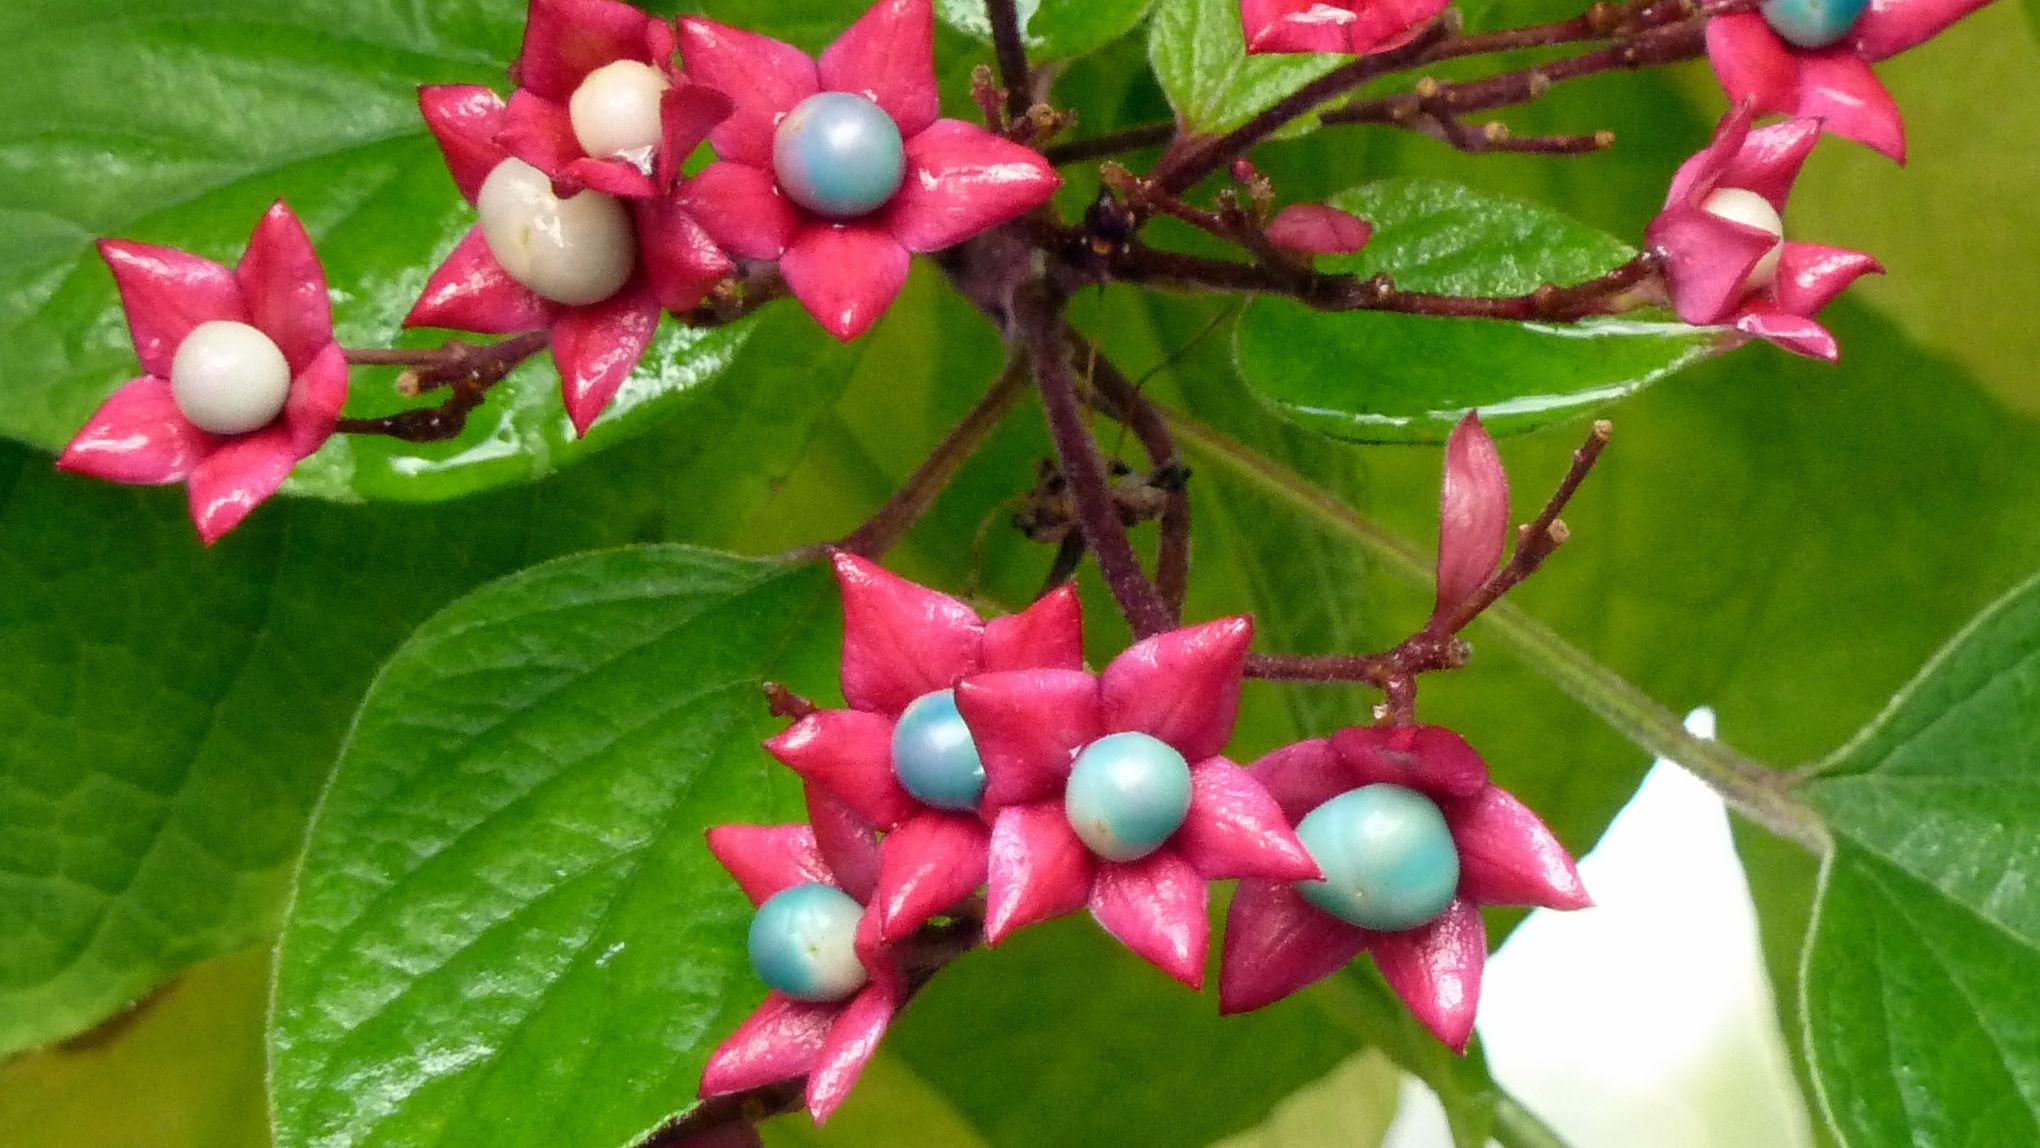 Quelles Fleurs Planter Fin Aout quel arbre planter pour avoir de l'ombre en été?